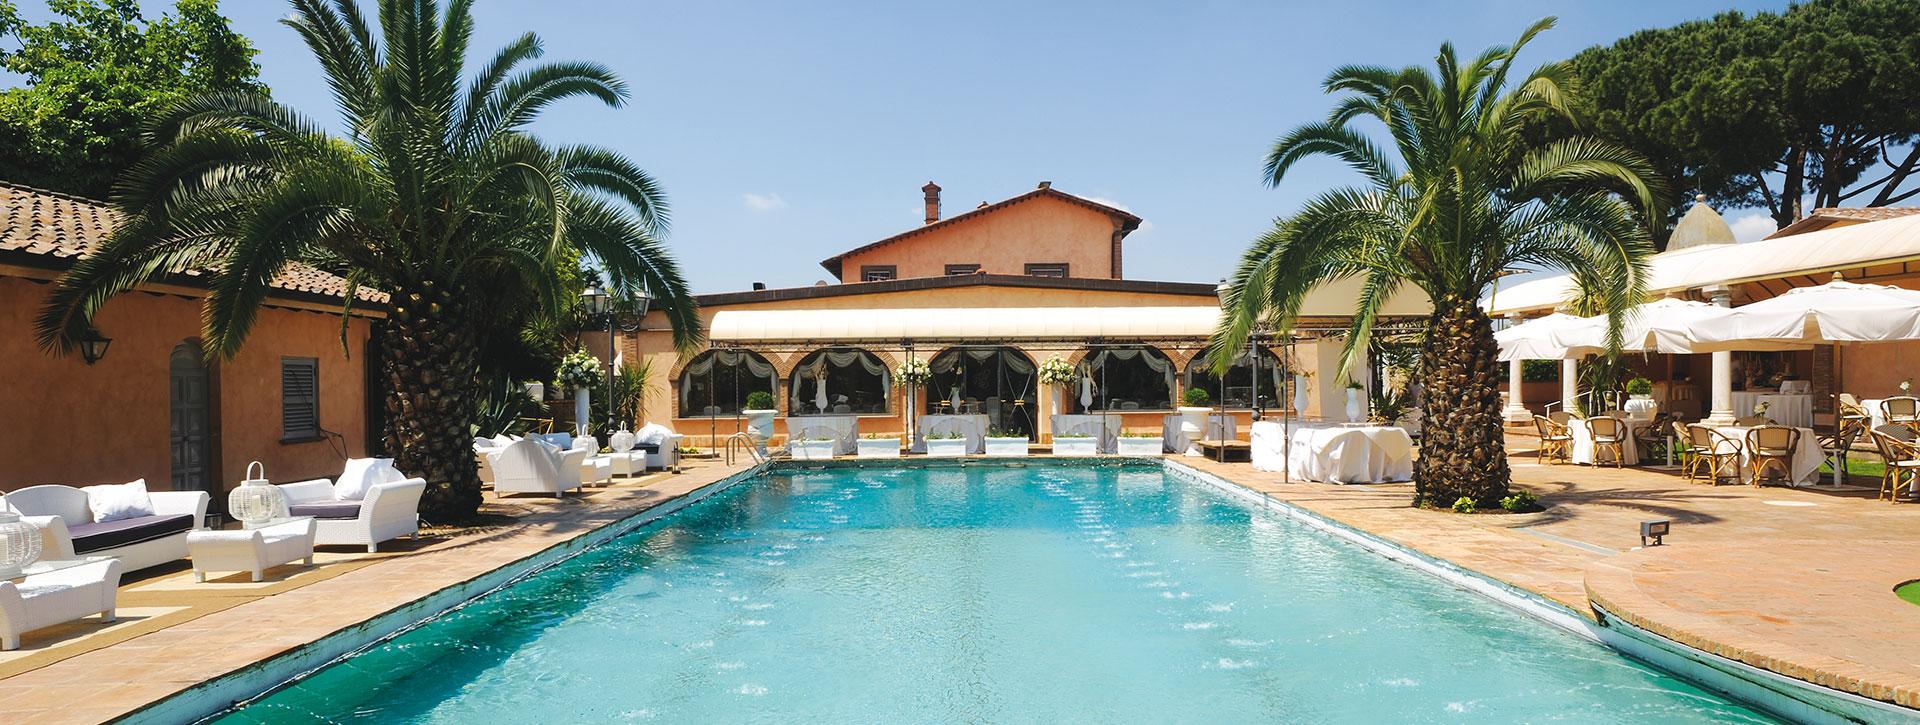 Villa Dei Sogni Roma